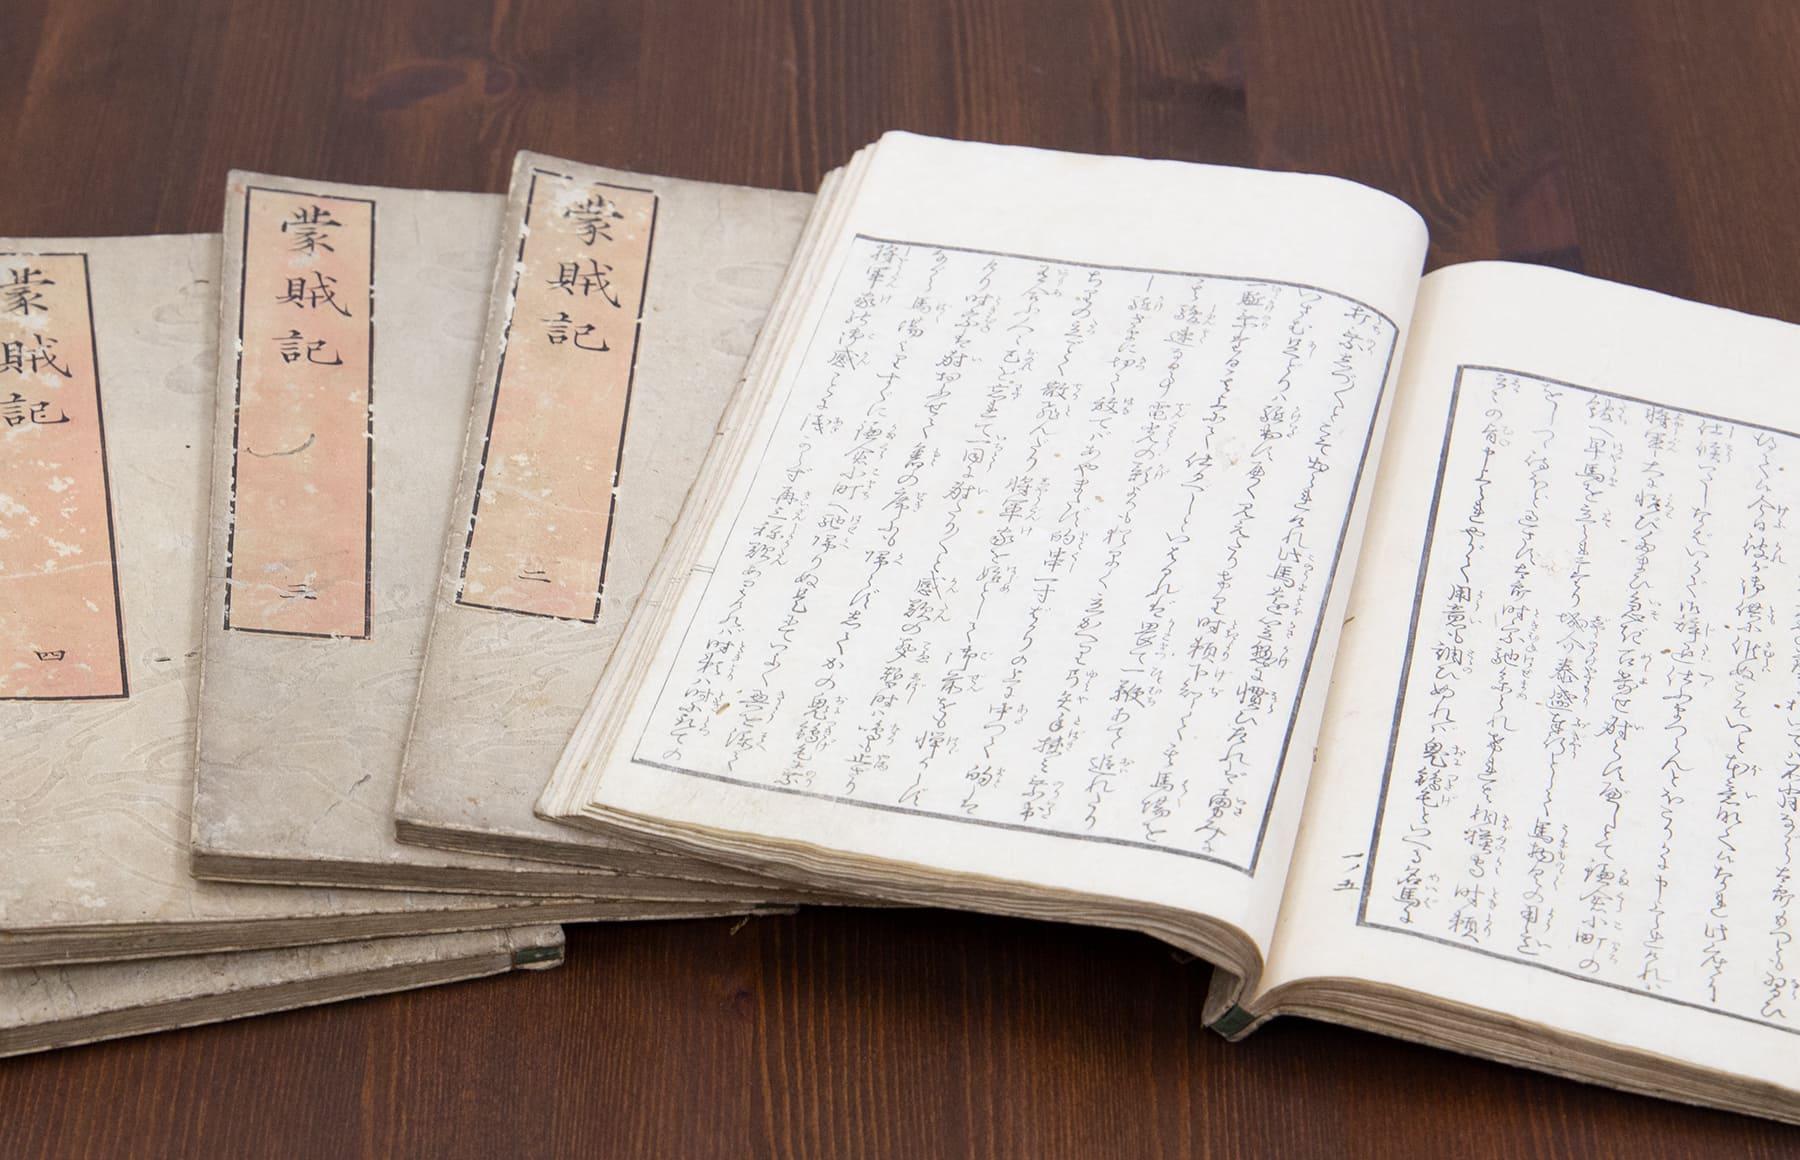 古書・和本・古典籍の写真2